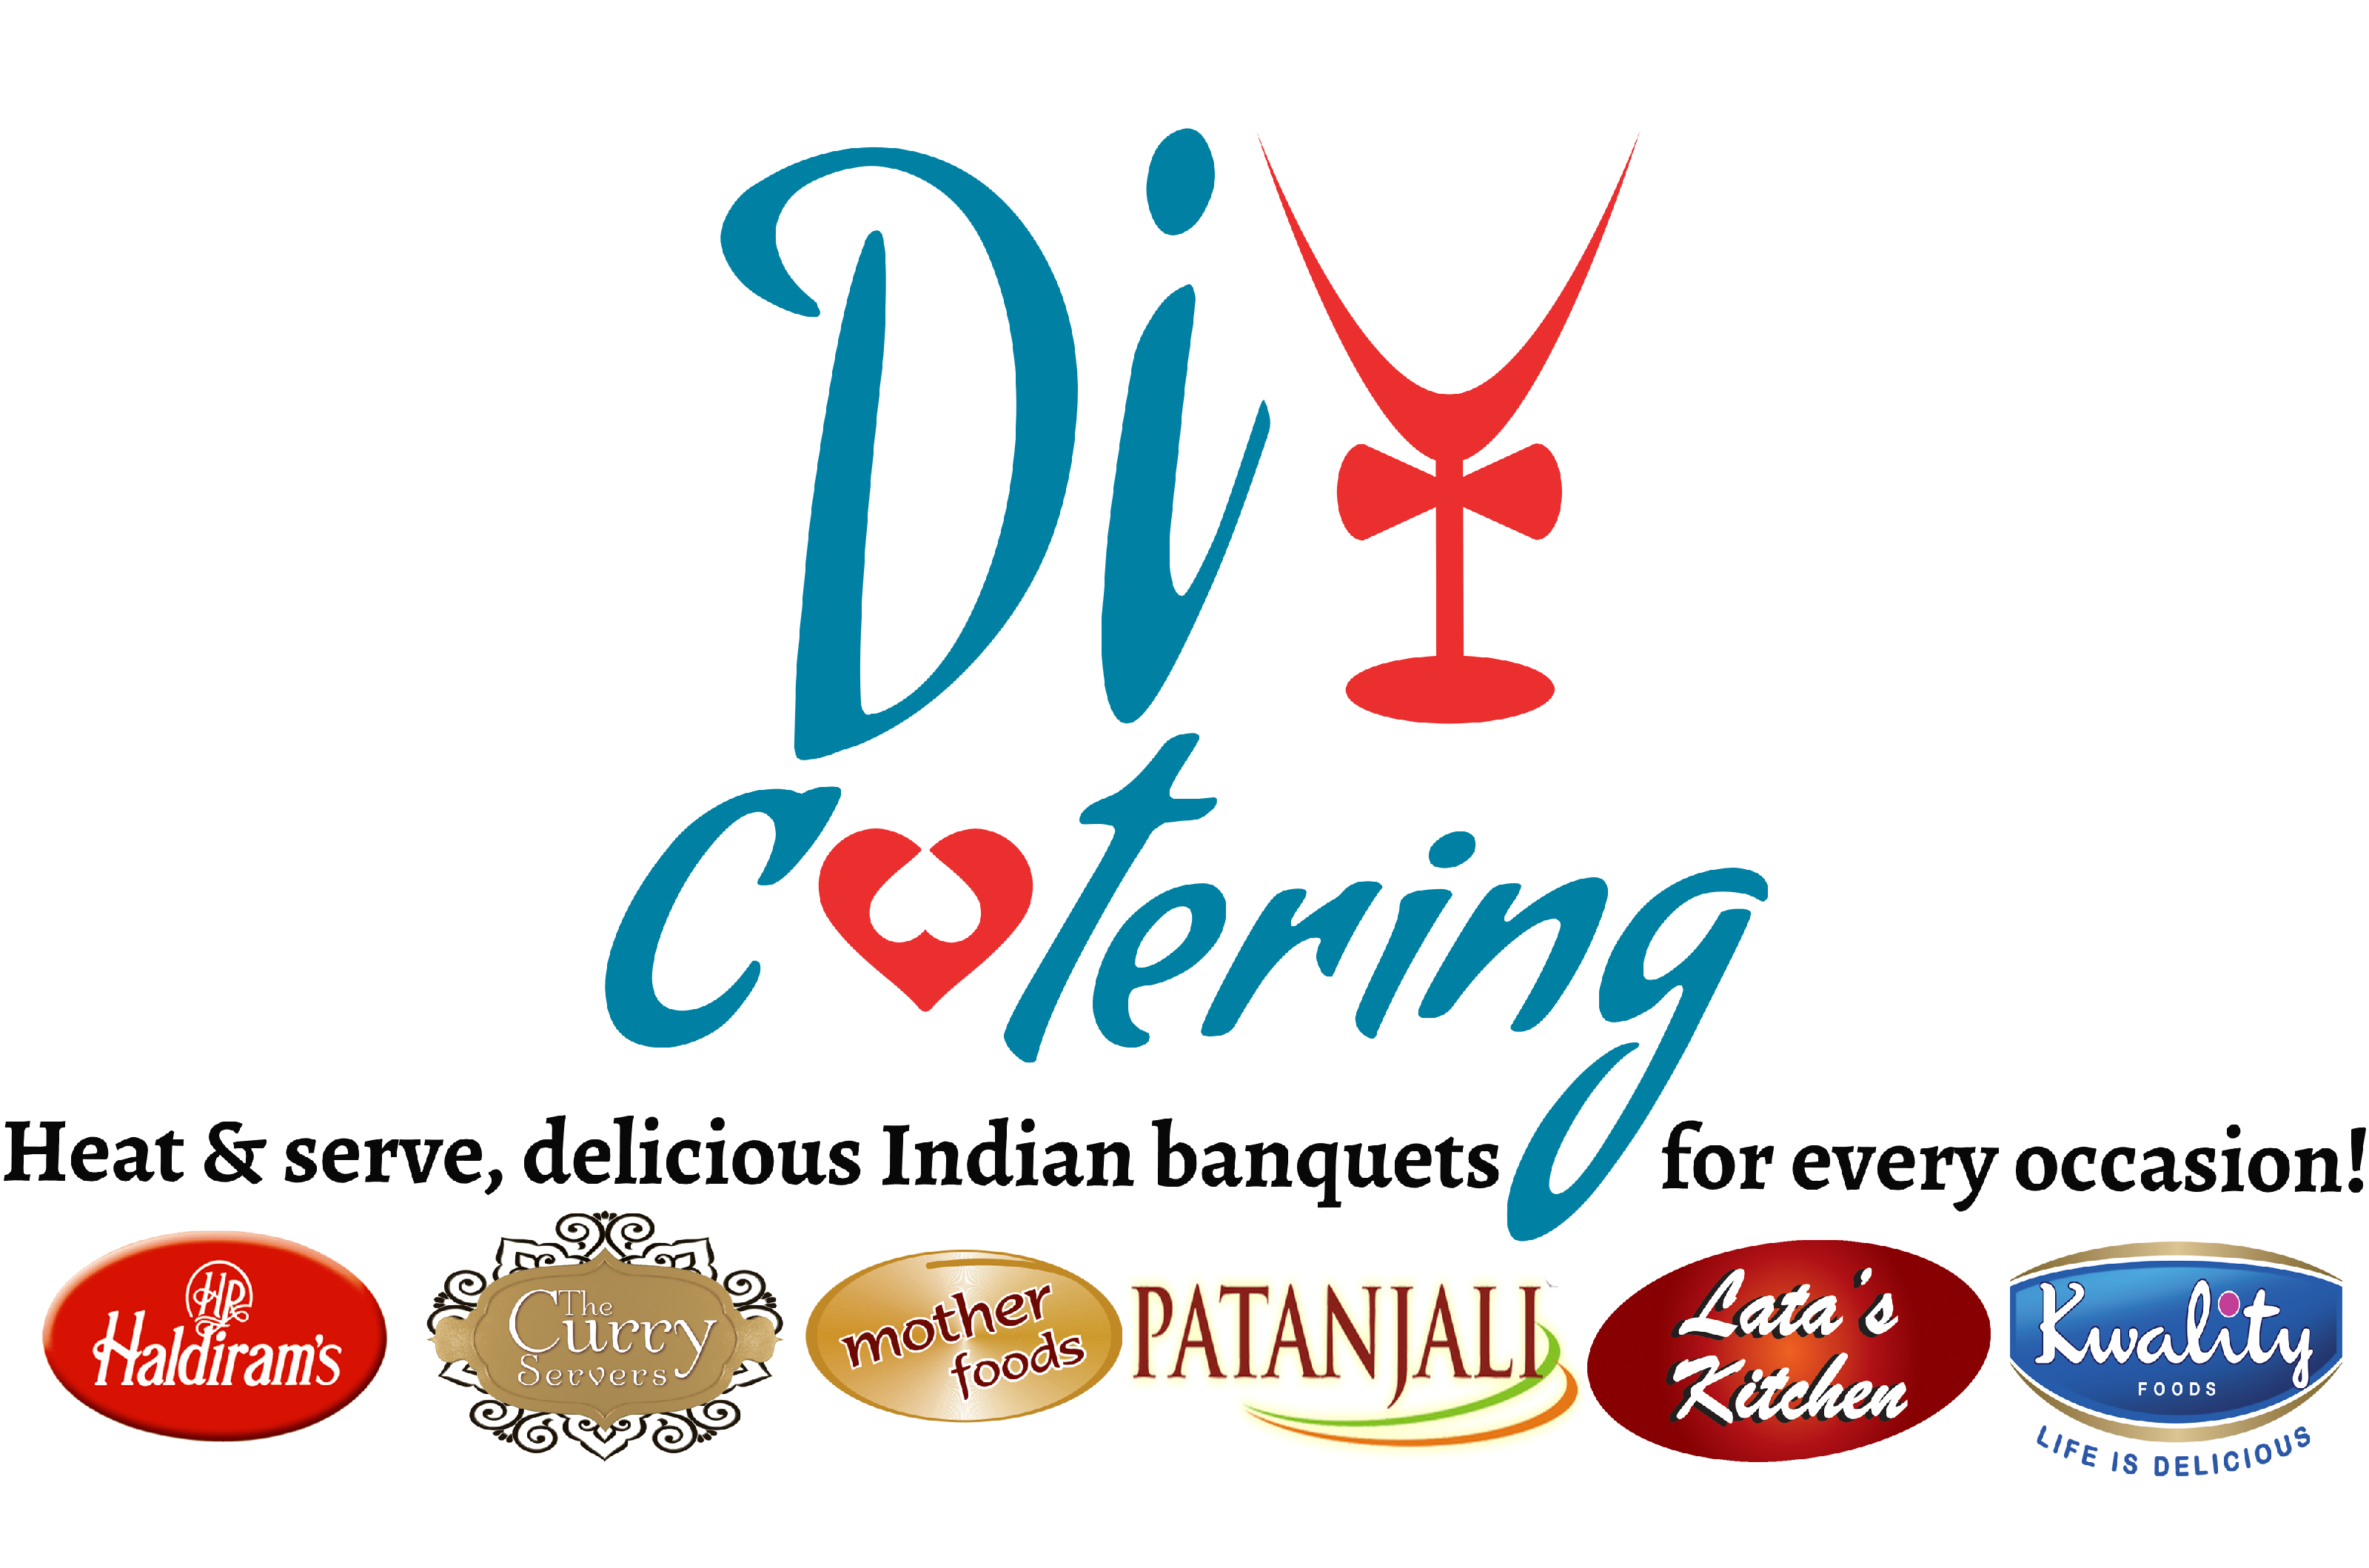 DIY Catering